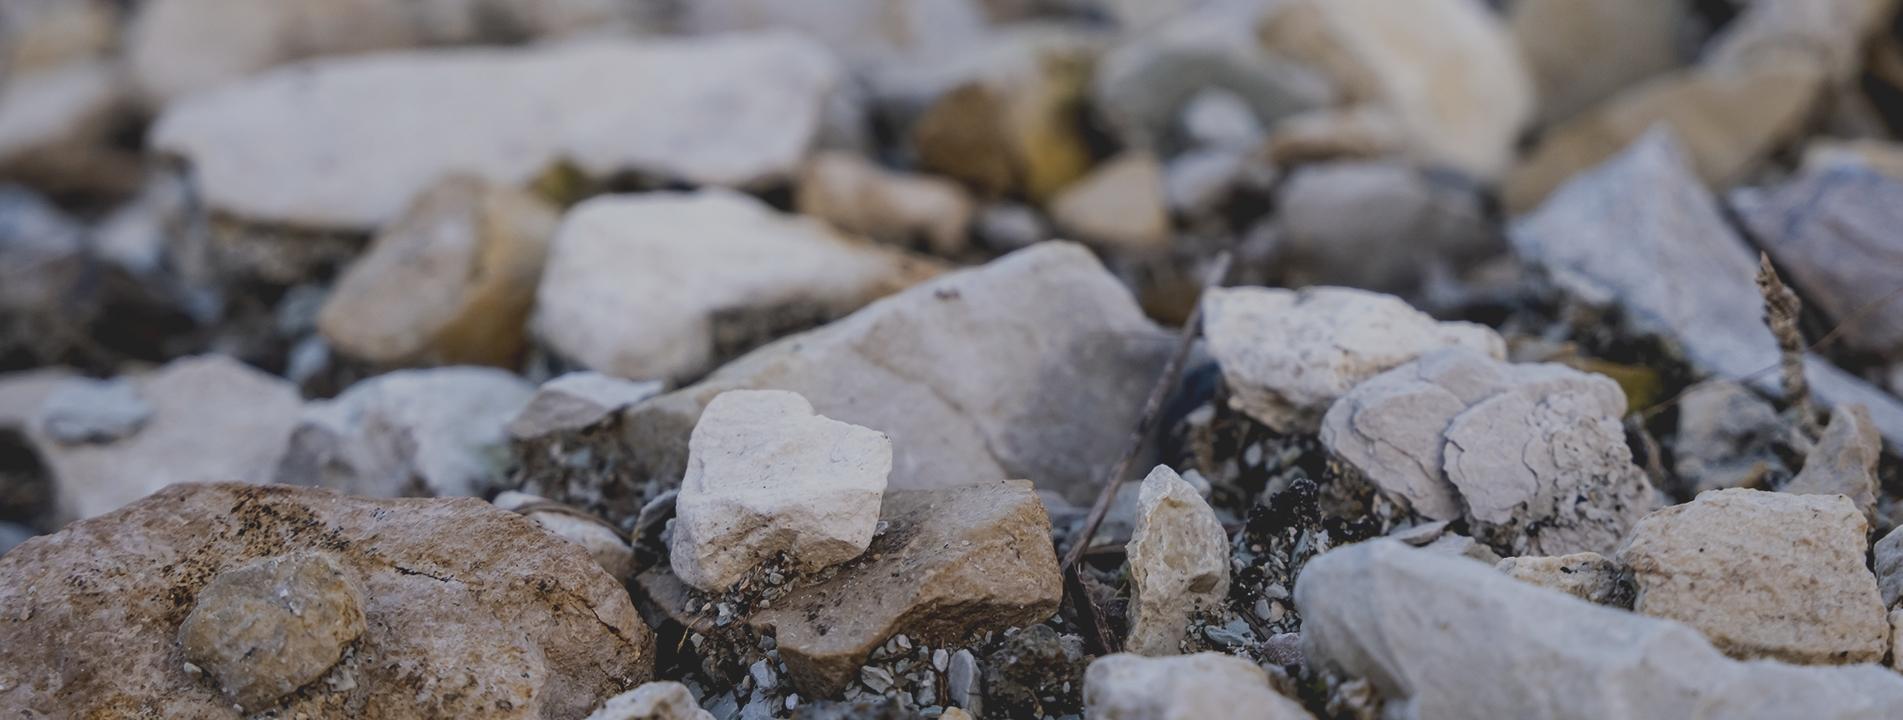 Baugeois Compost - Traitement des minéraux